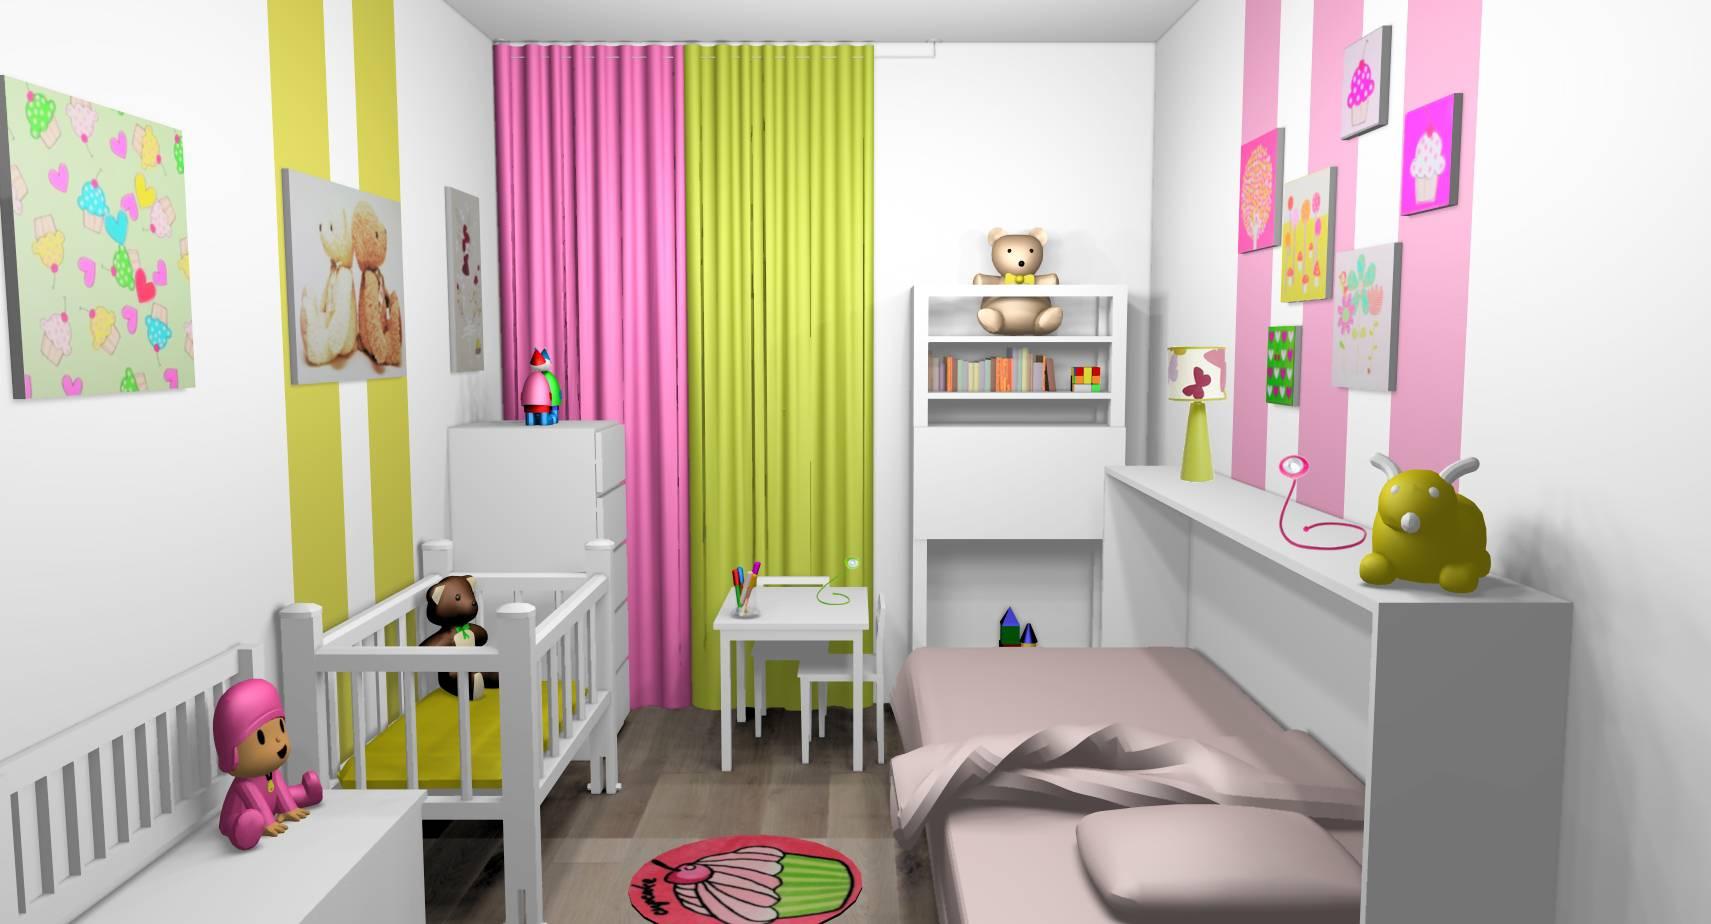 Deco Petite Chambre Enfant décoration d'intérieur d'une chambre de petite fille et bébé